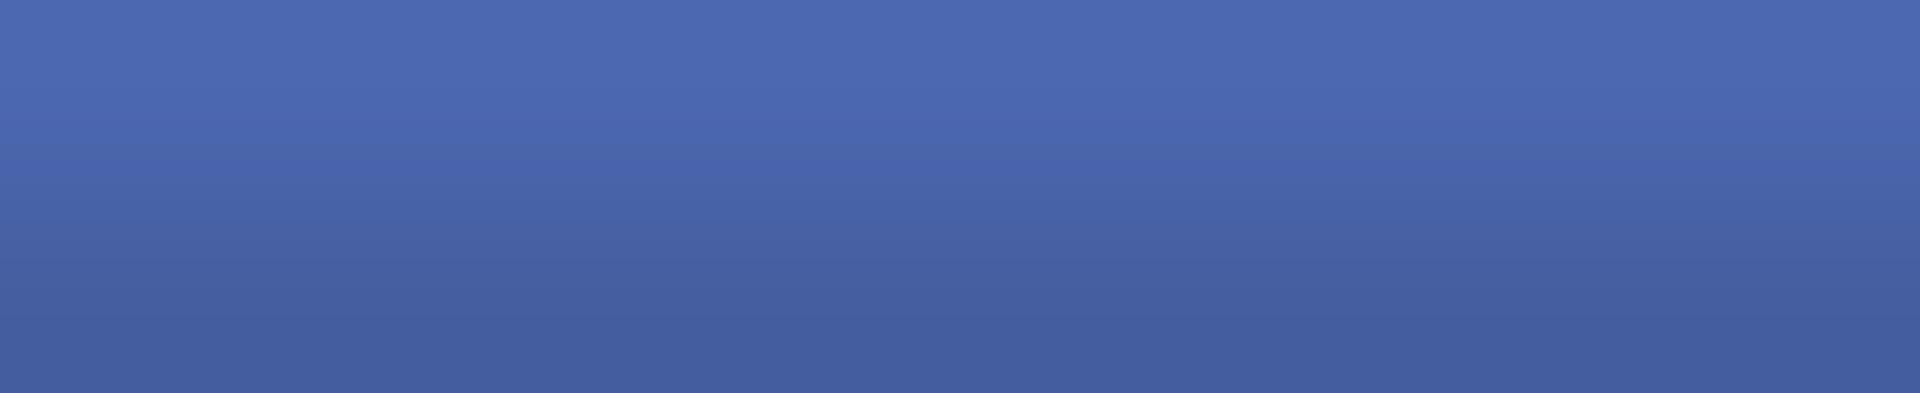 Visio Online (2-жоспар) диаграммалары көрсетілген планшет және iPad